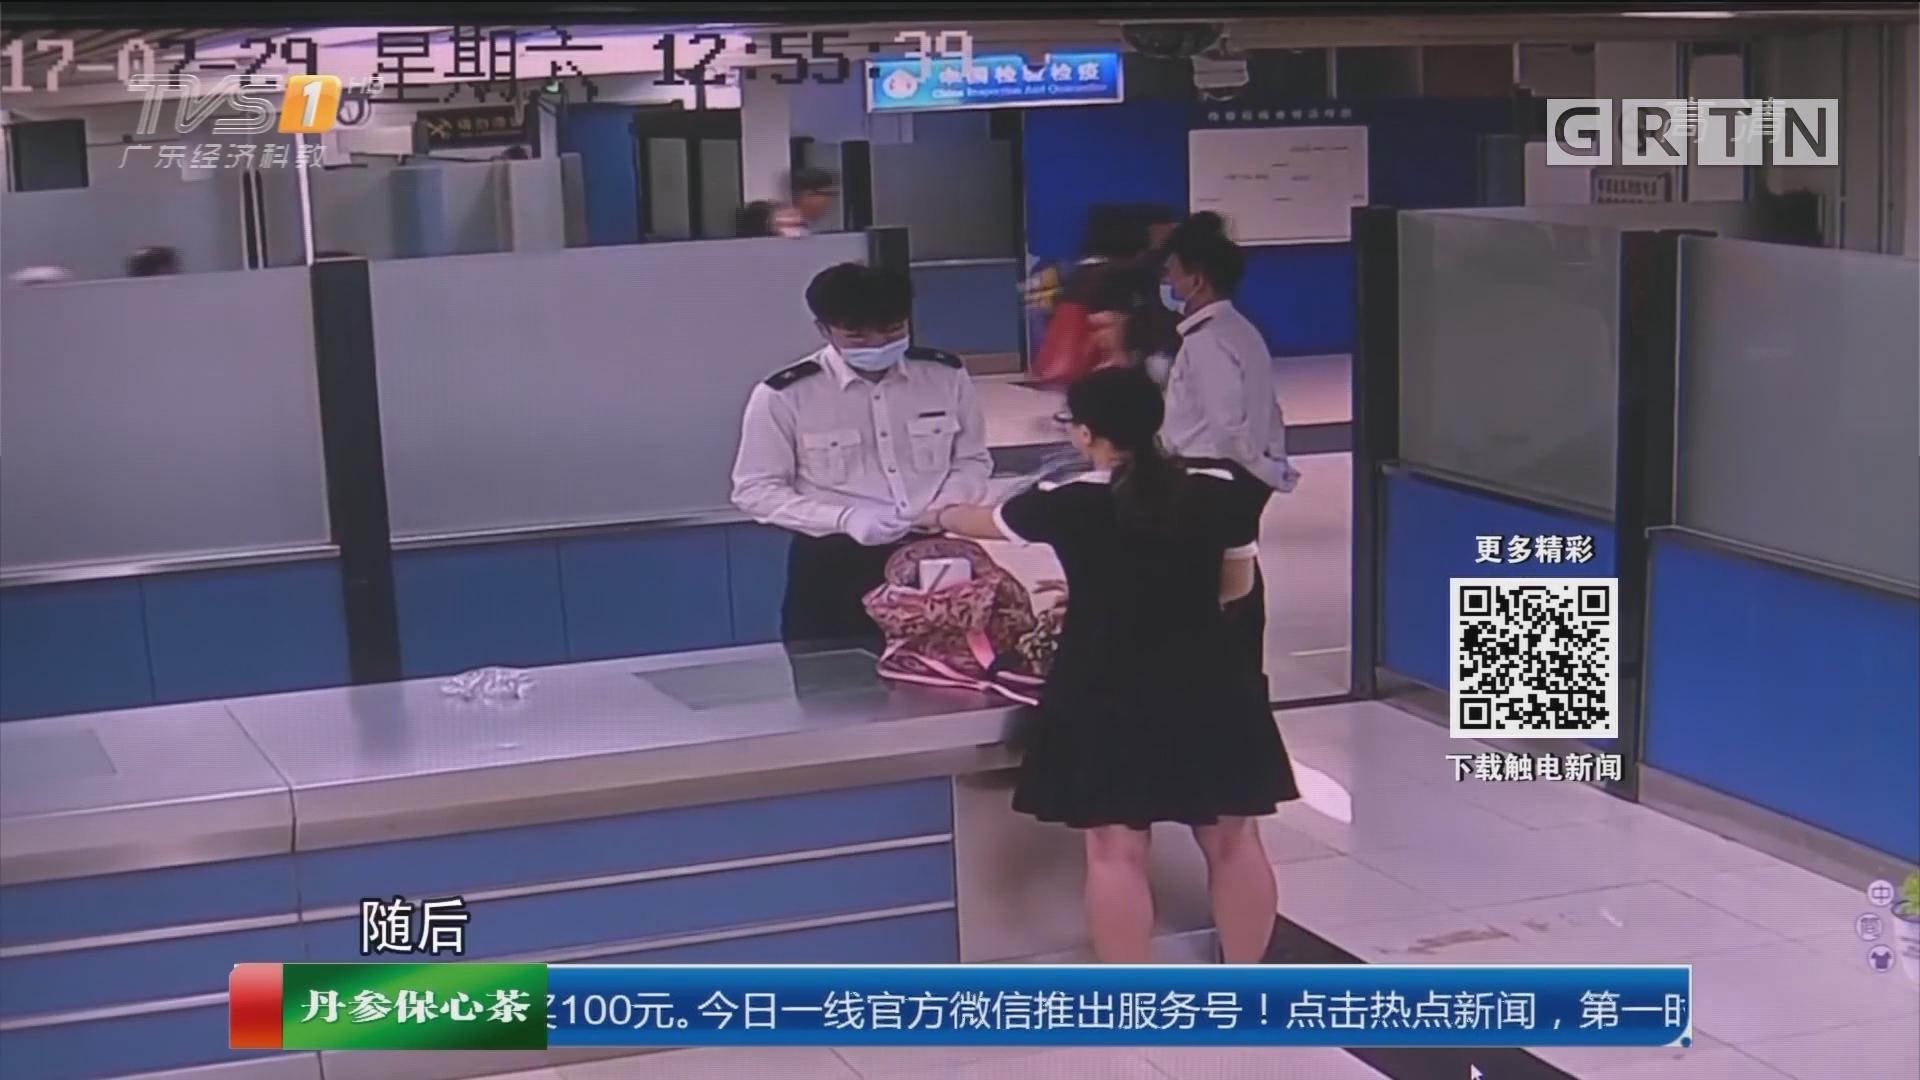 深圳:裆部藏20盒瘦脸针入境 被海关查获